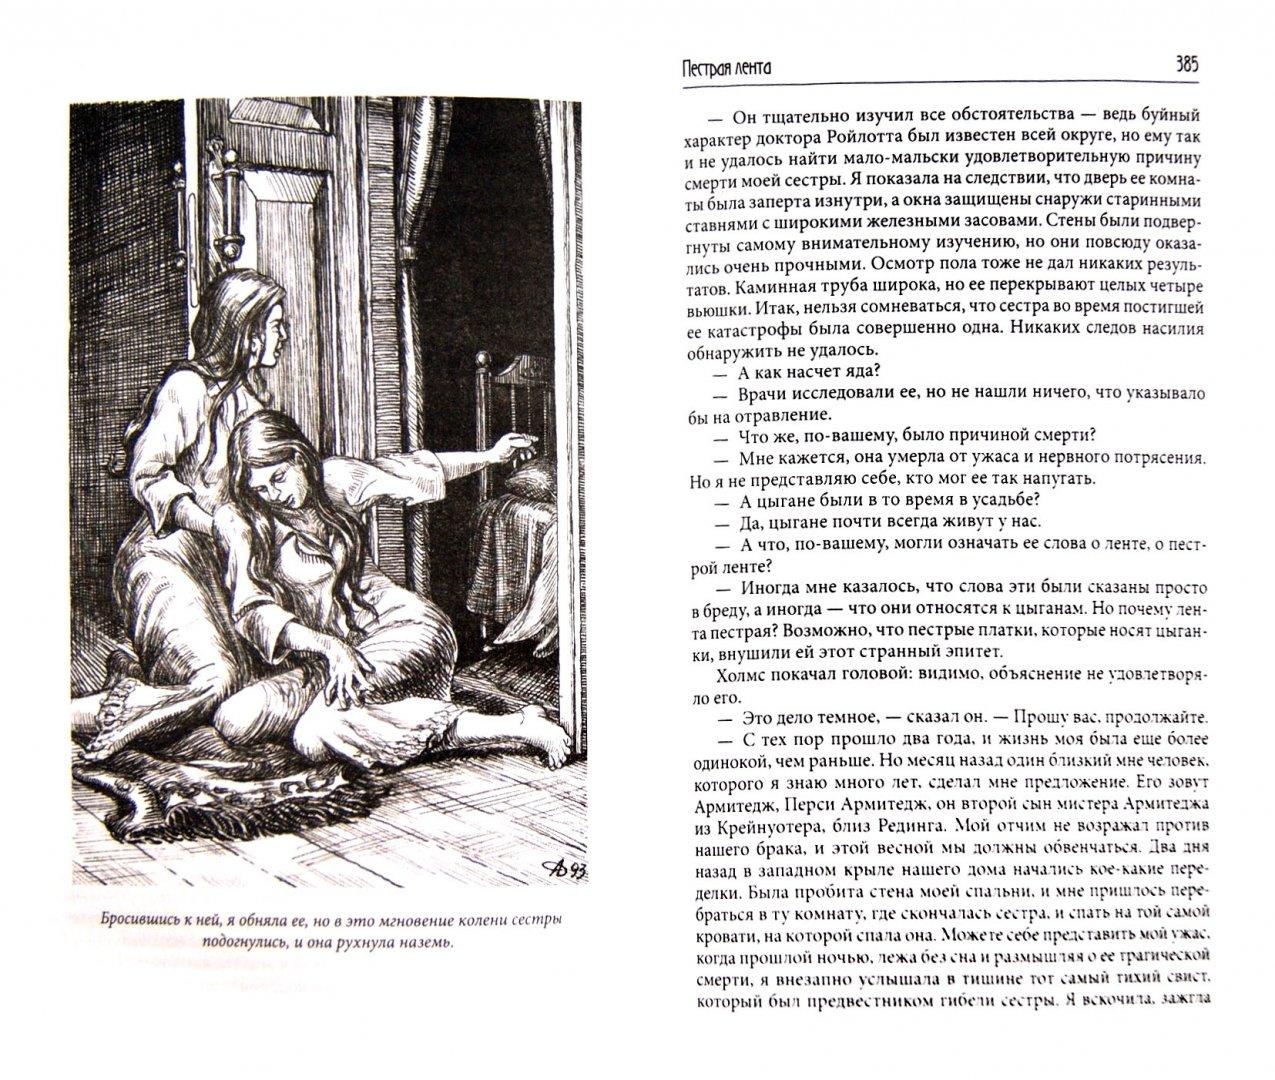 Иллюстрация 1 из 6 для Полное собрание сочинений о Шерлоке Холмсе. Том 1 - Артур Дойл | Лабиринт - книги. Источник: Лабиринт